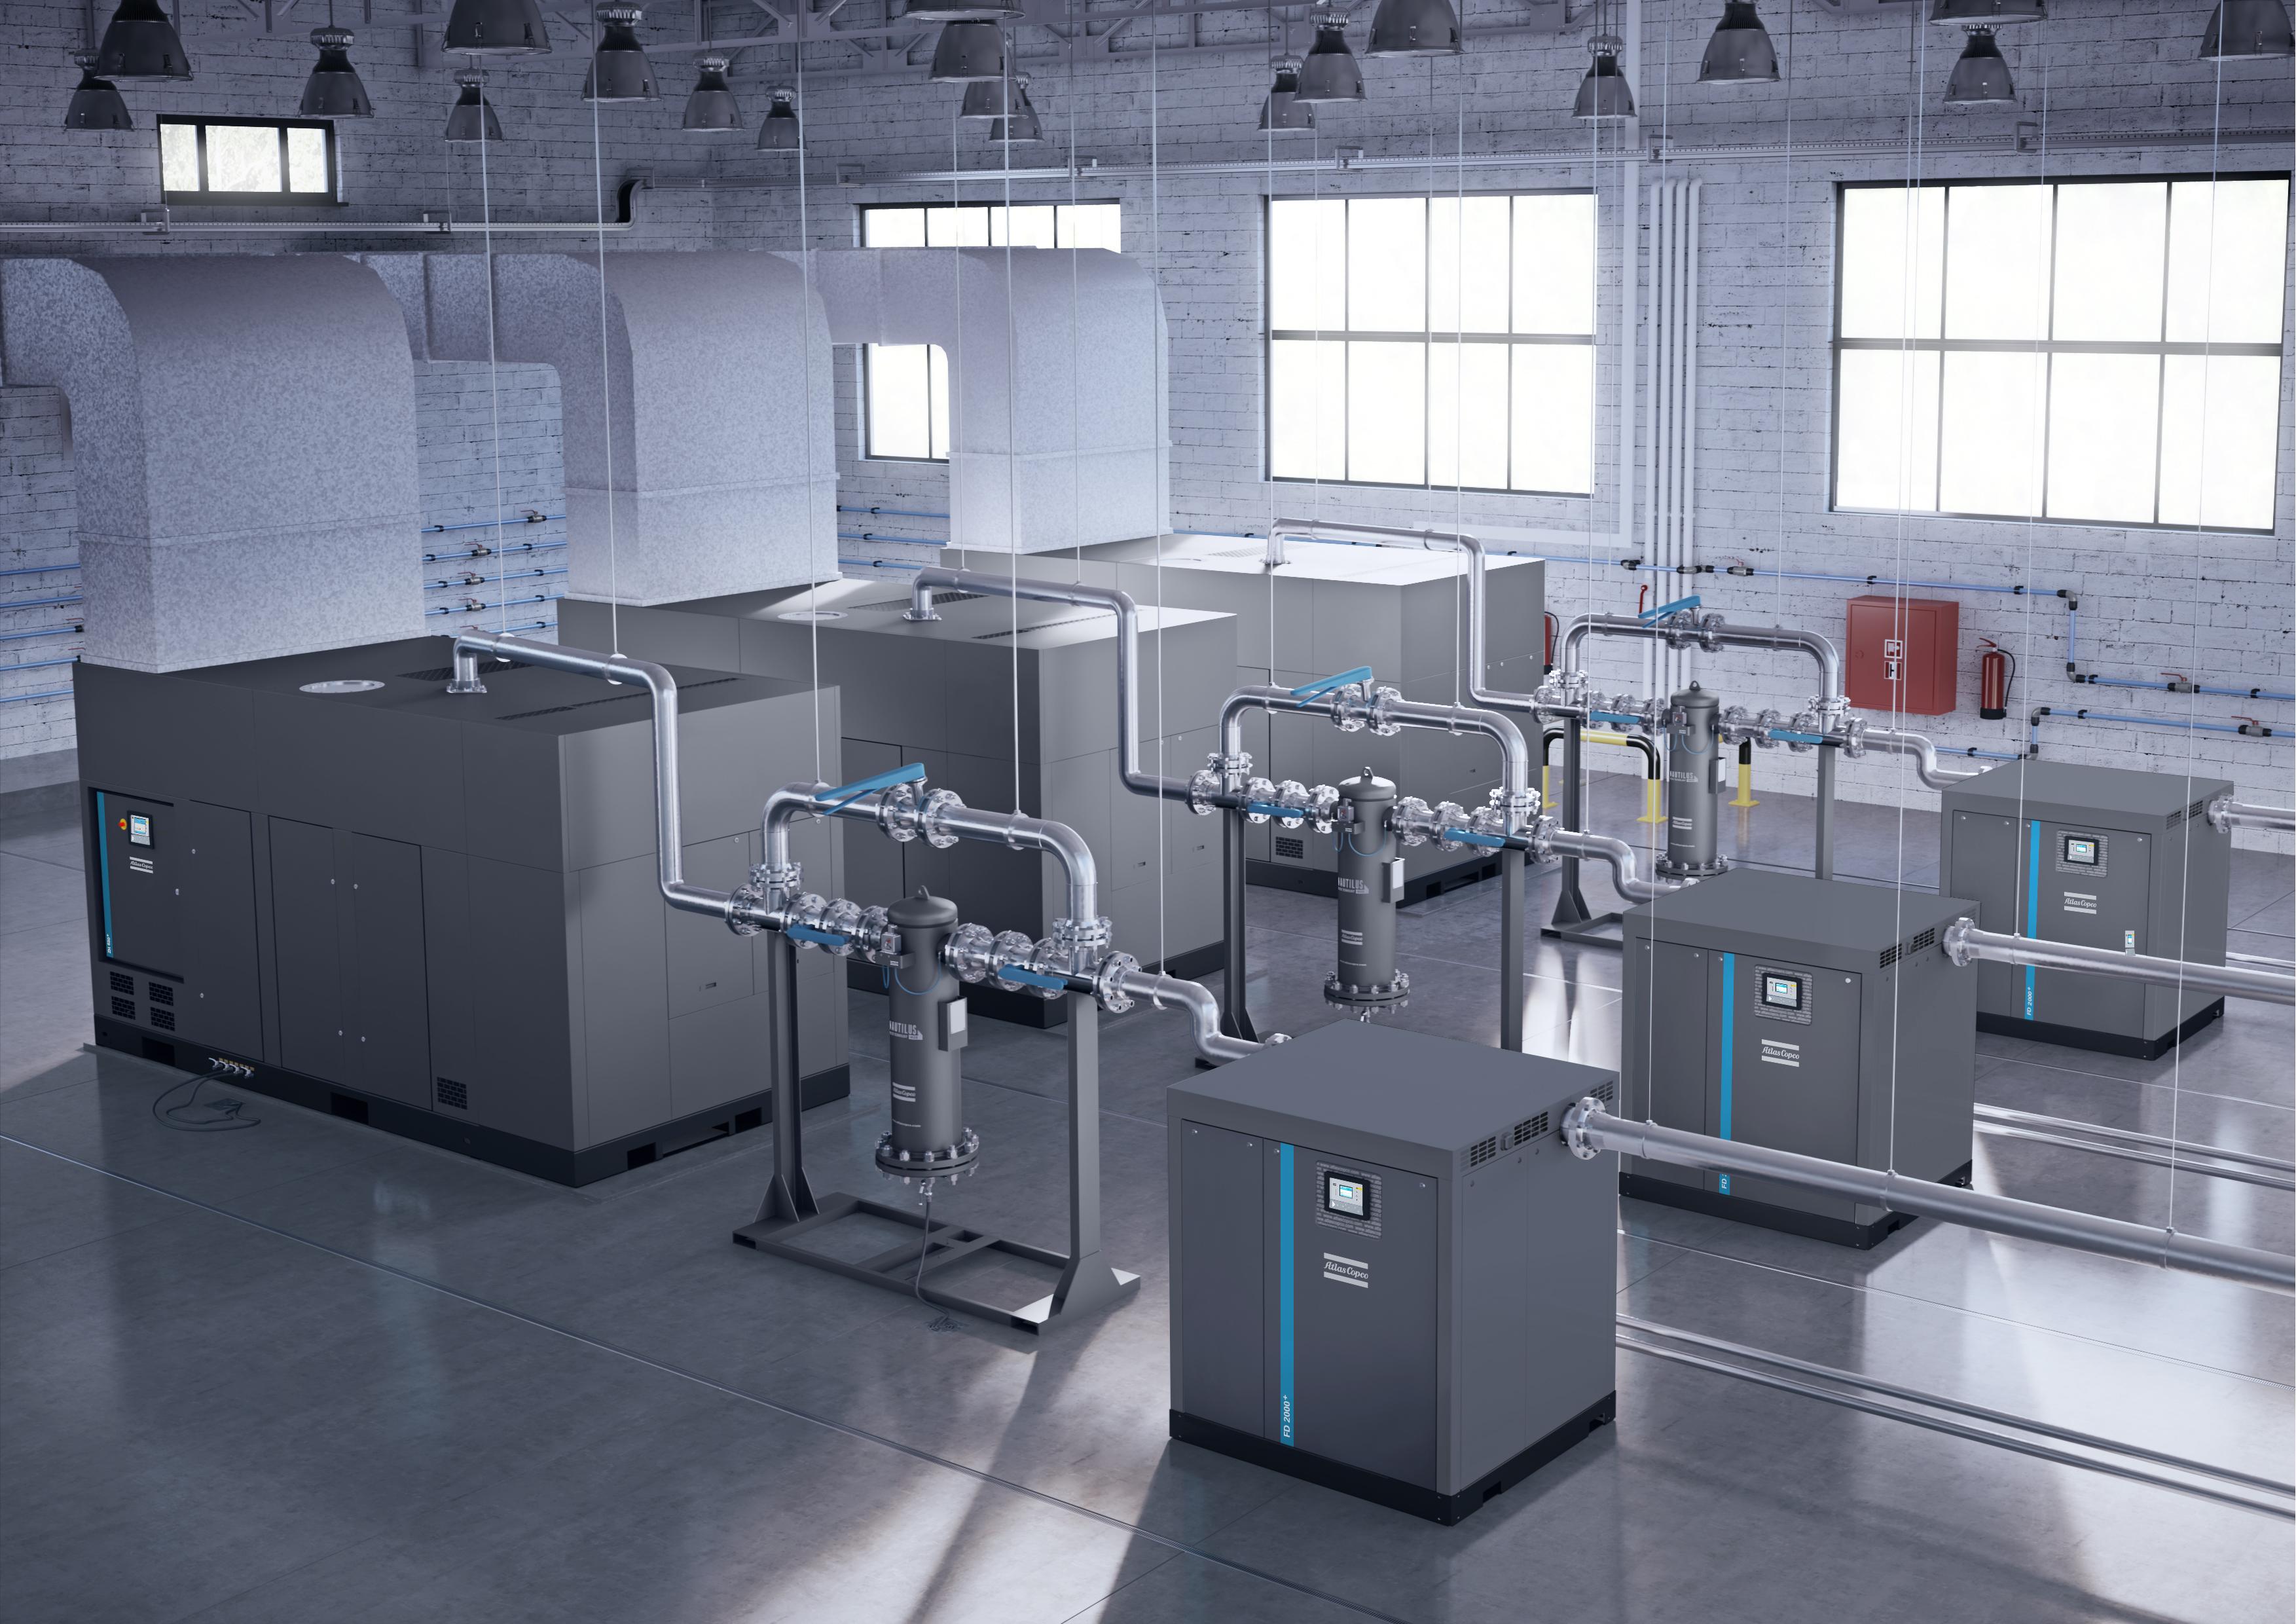 Air Dryers Atlas Copco Uk